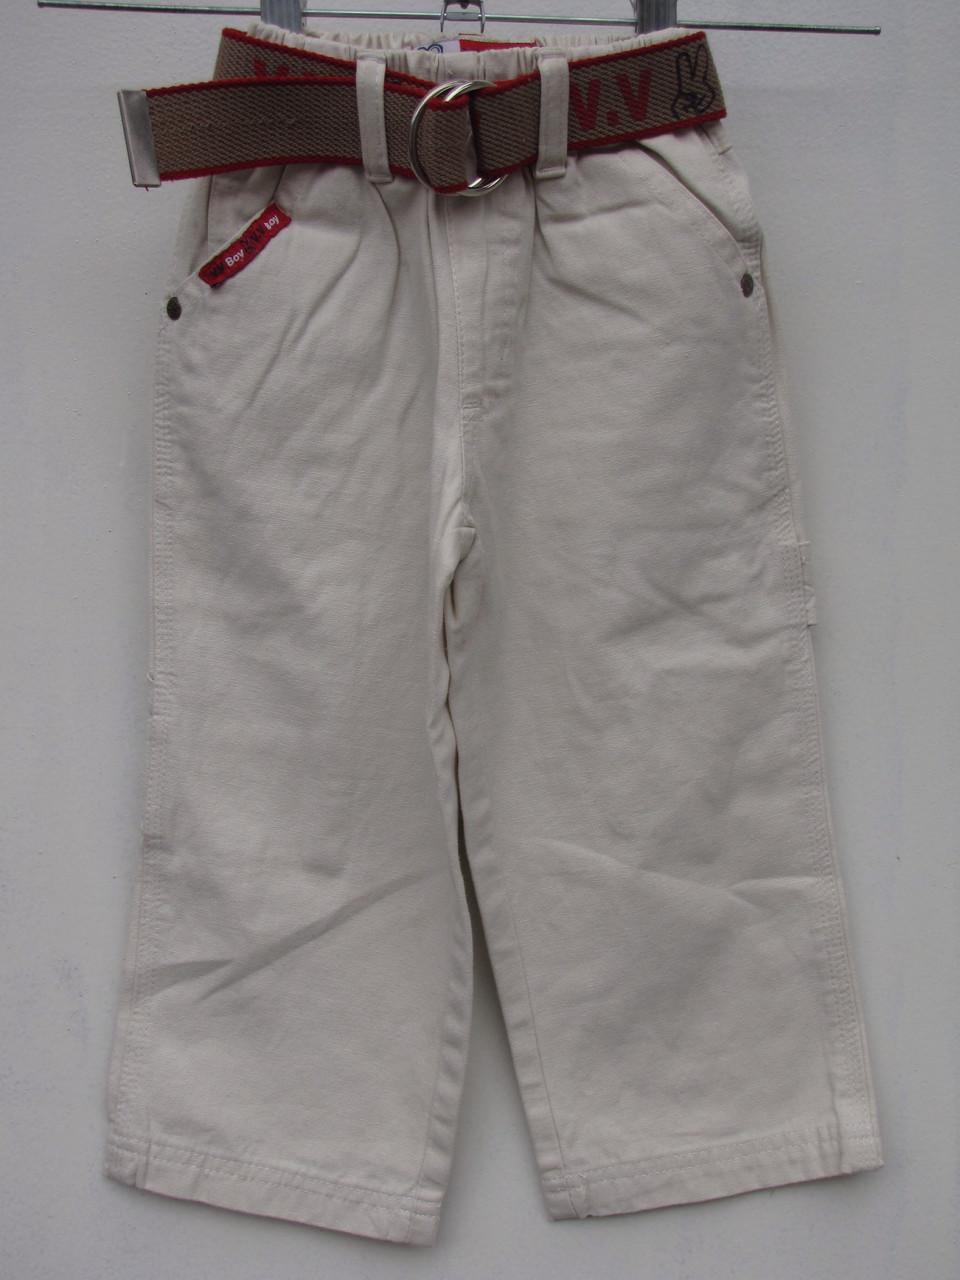 Белые брюки для мальчиков 92,98,104,110,116 роста